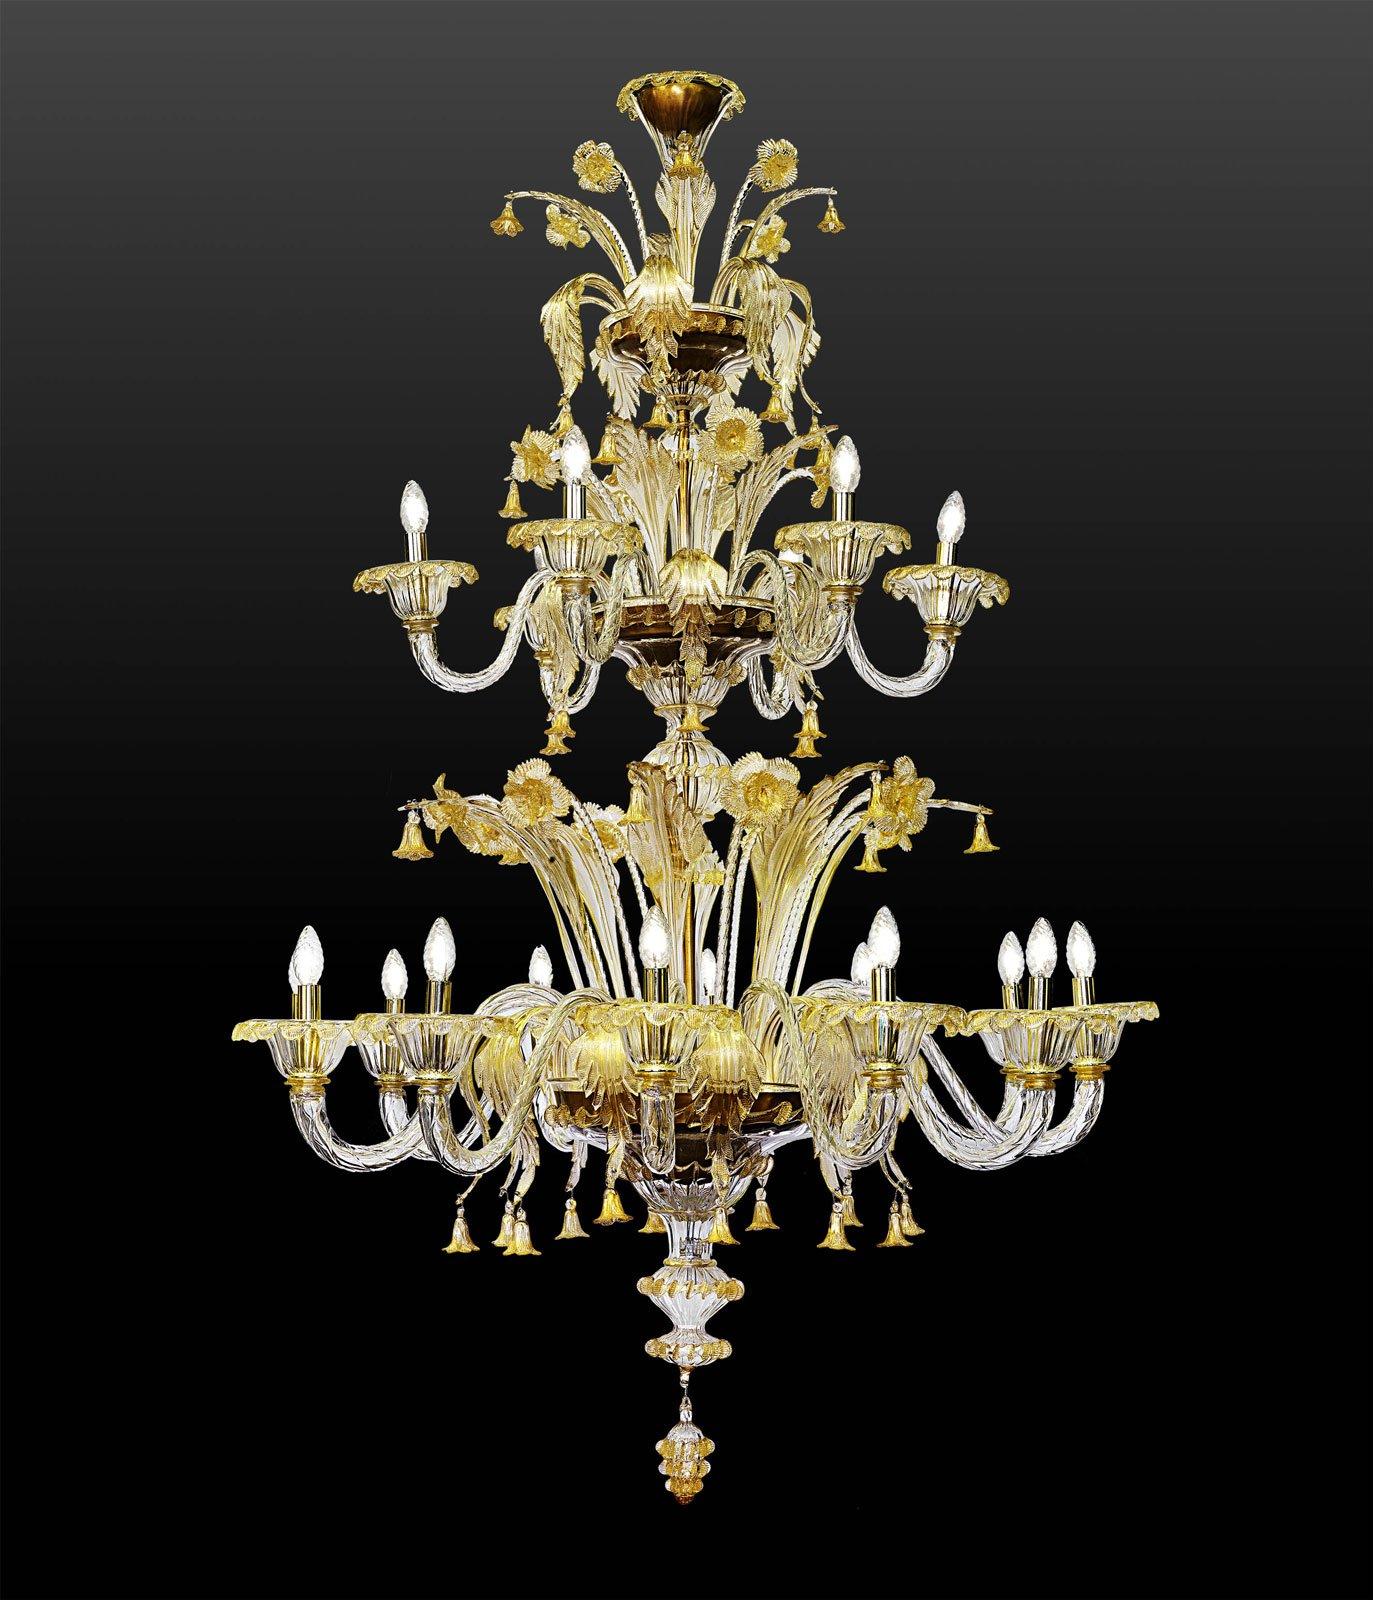 lampadari voltolina : Maxim di Voltolina ? un fastoso lampadario in stile veneziano ...